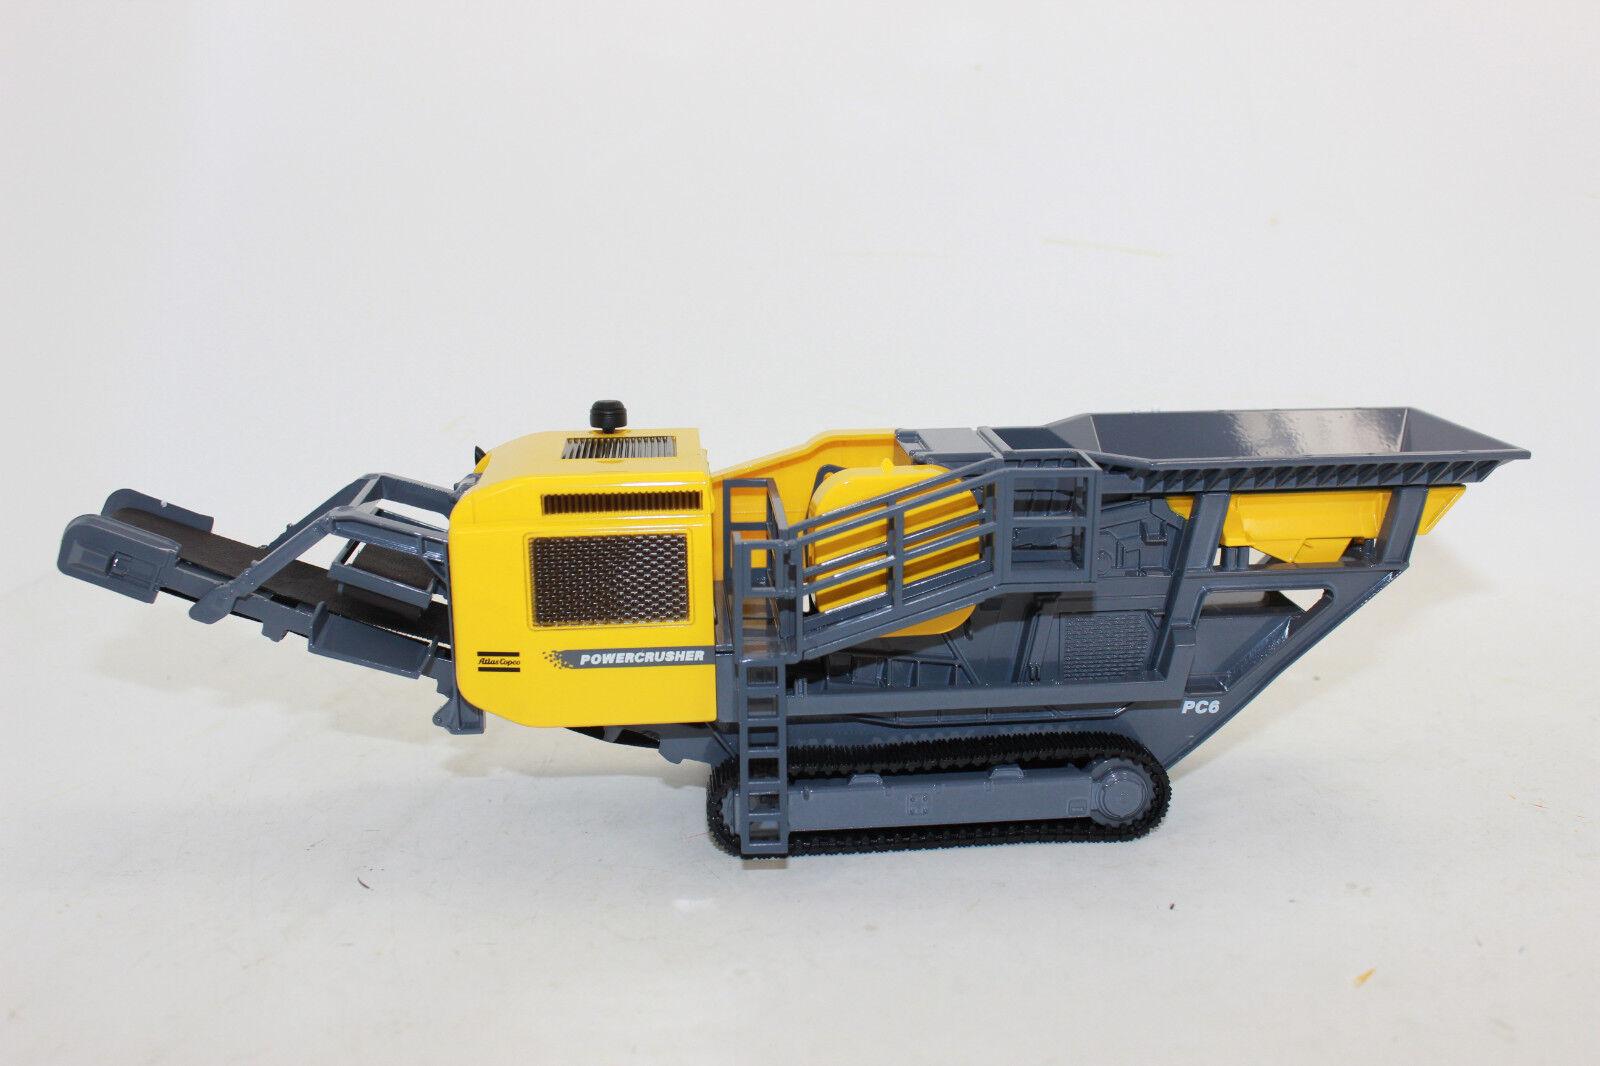 60% de descuento Atlas Copco Pc6 Planta Powercrusher 1 50 Nuevo Nuevo Nuevo con Caja Orig.  autentico en linea